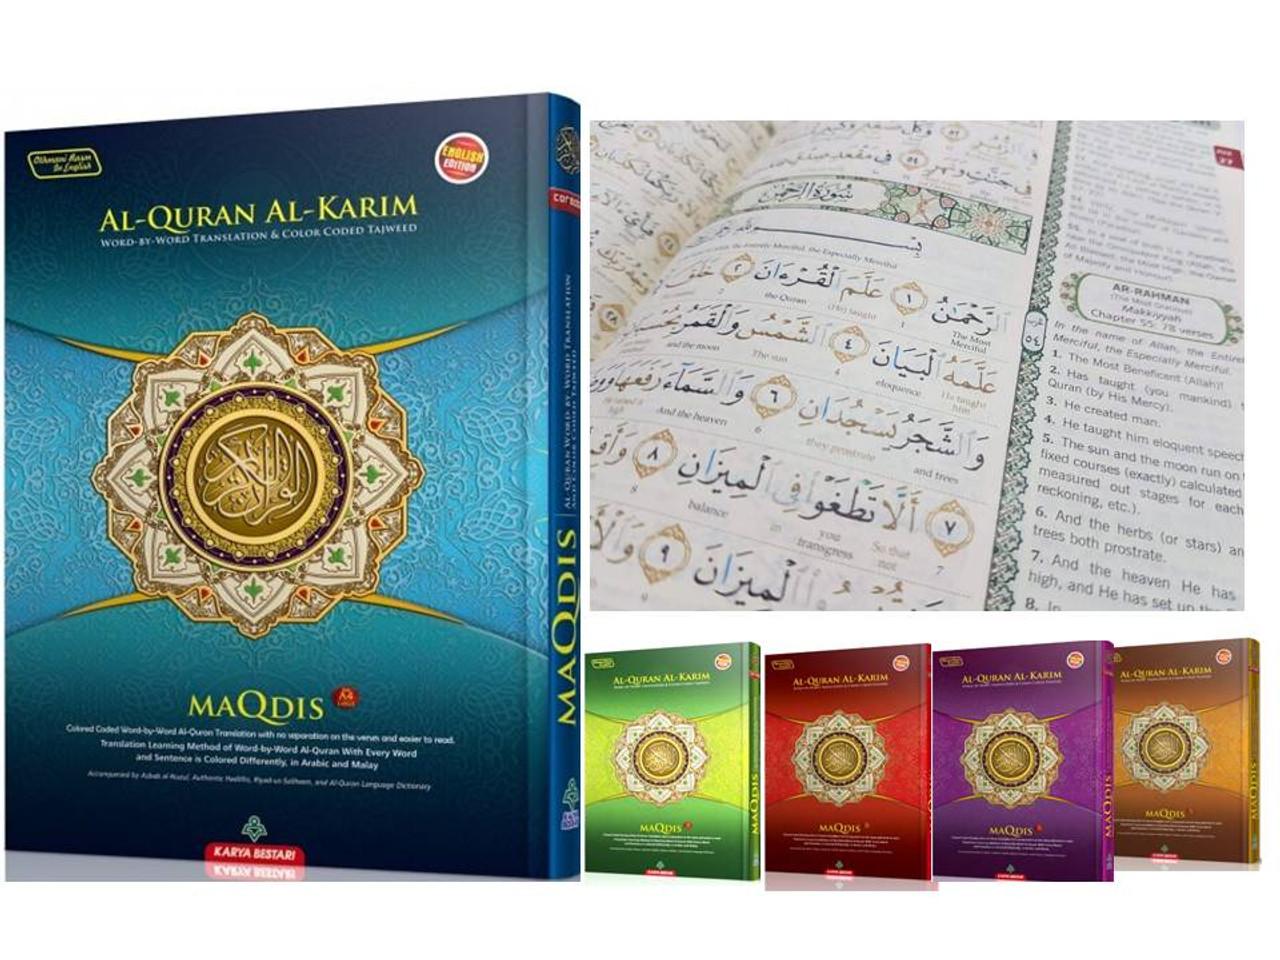 Al-Quran Word-By-Word Translation & Color Coded Tajweed (Arabic-English)